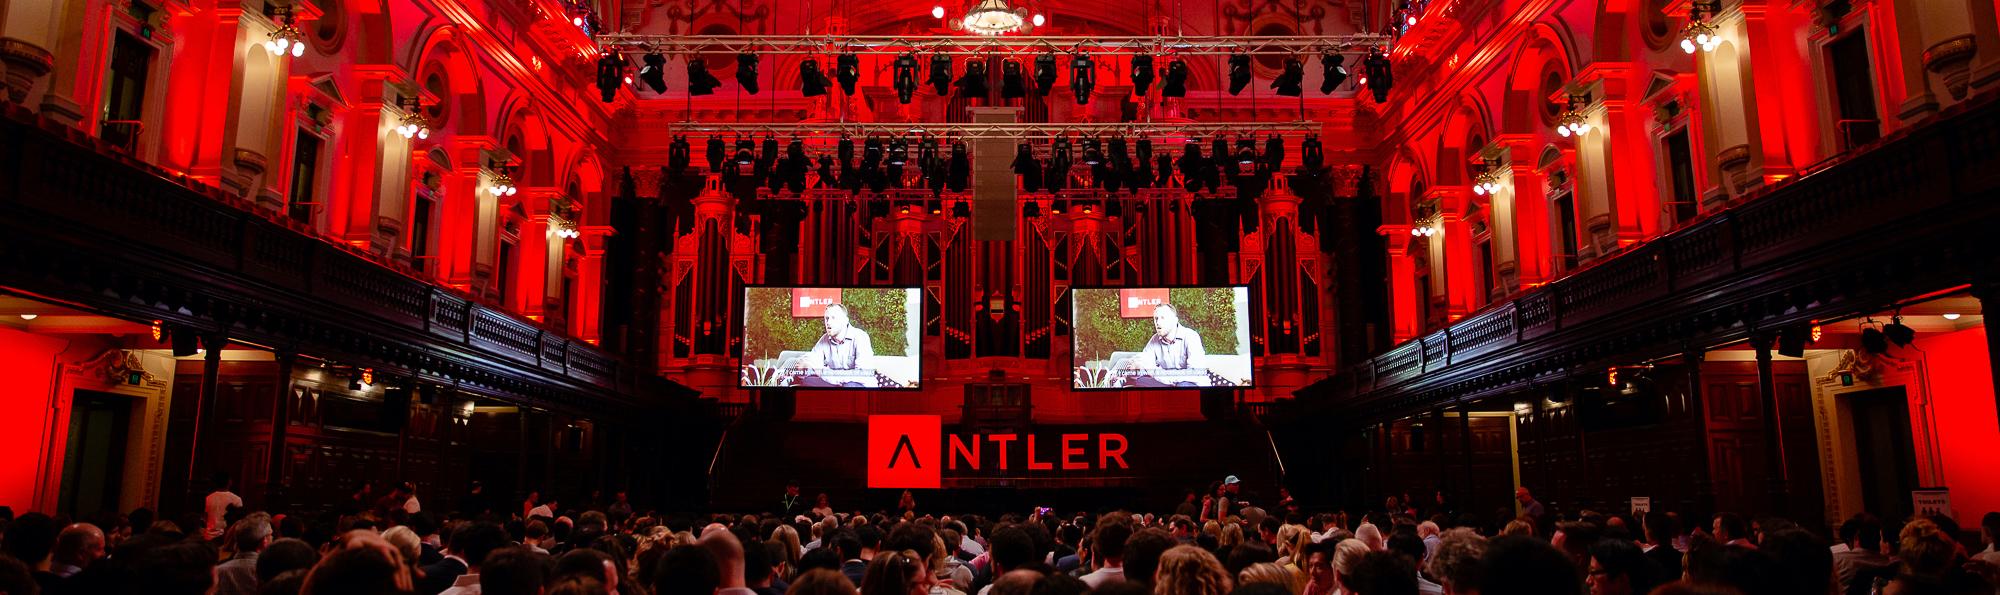 Antler VC